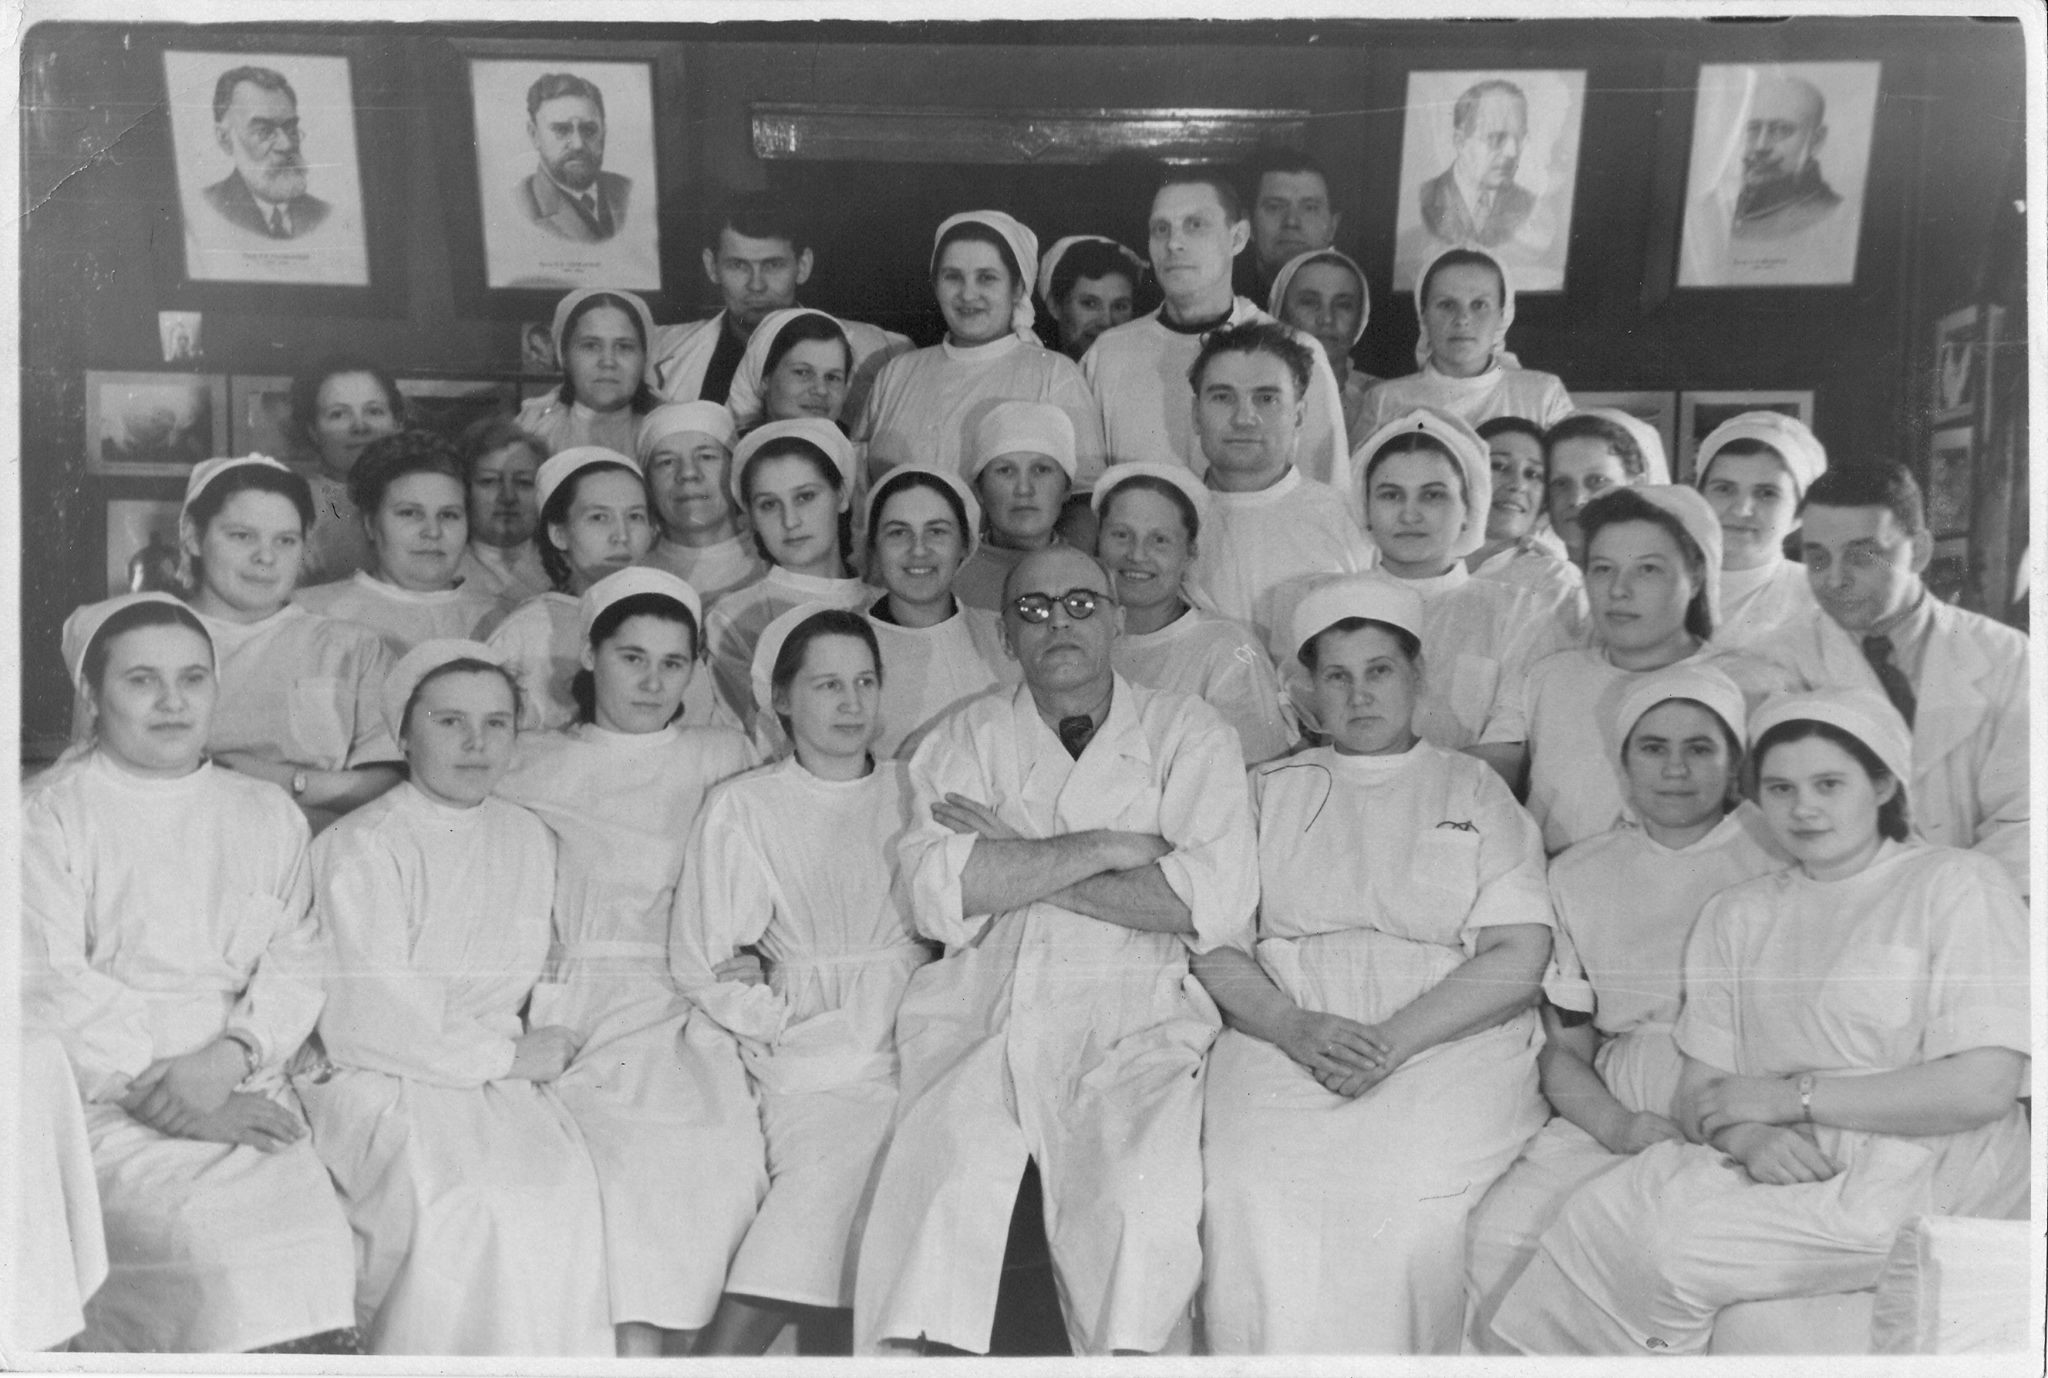 Коллектив хирургического отделения больницы санитарного отдела комбината, 1951 год. В центре врач Родионов